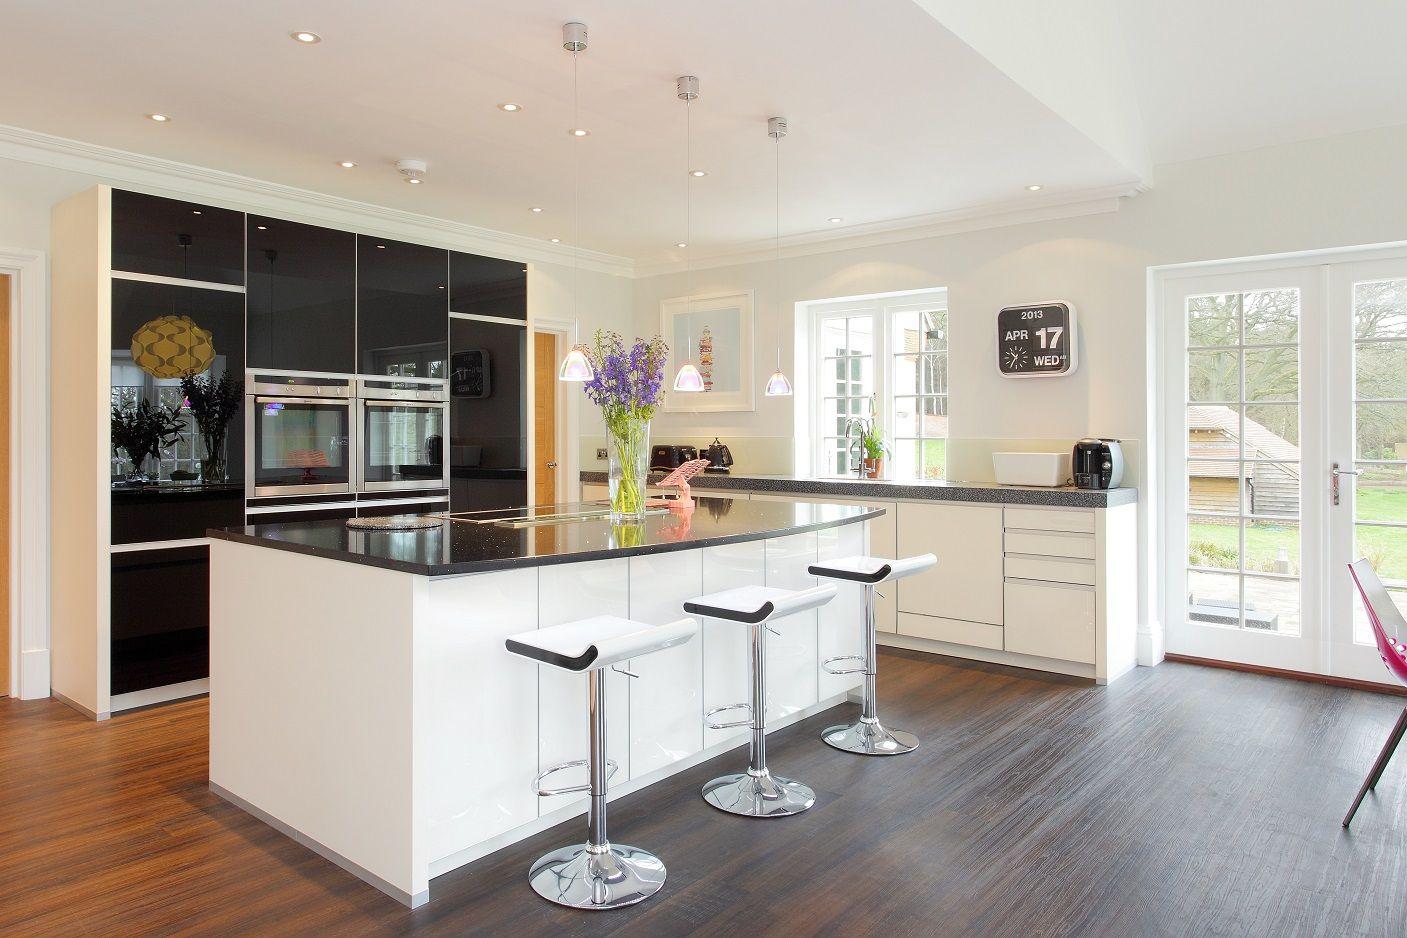 Alno Impuls Kitchens Classic kitchen design, Kitchen